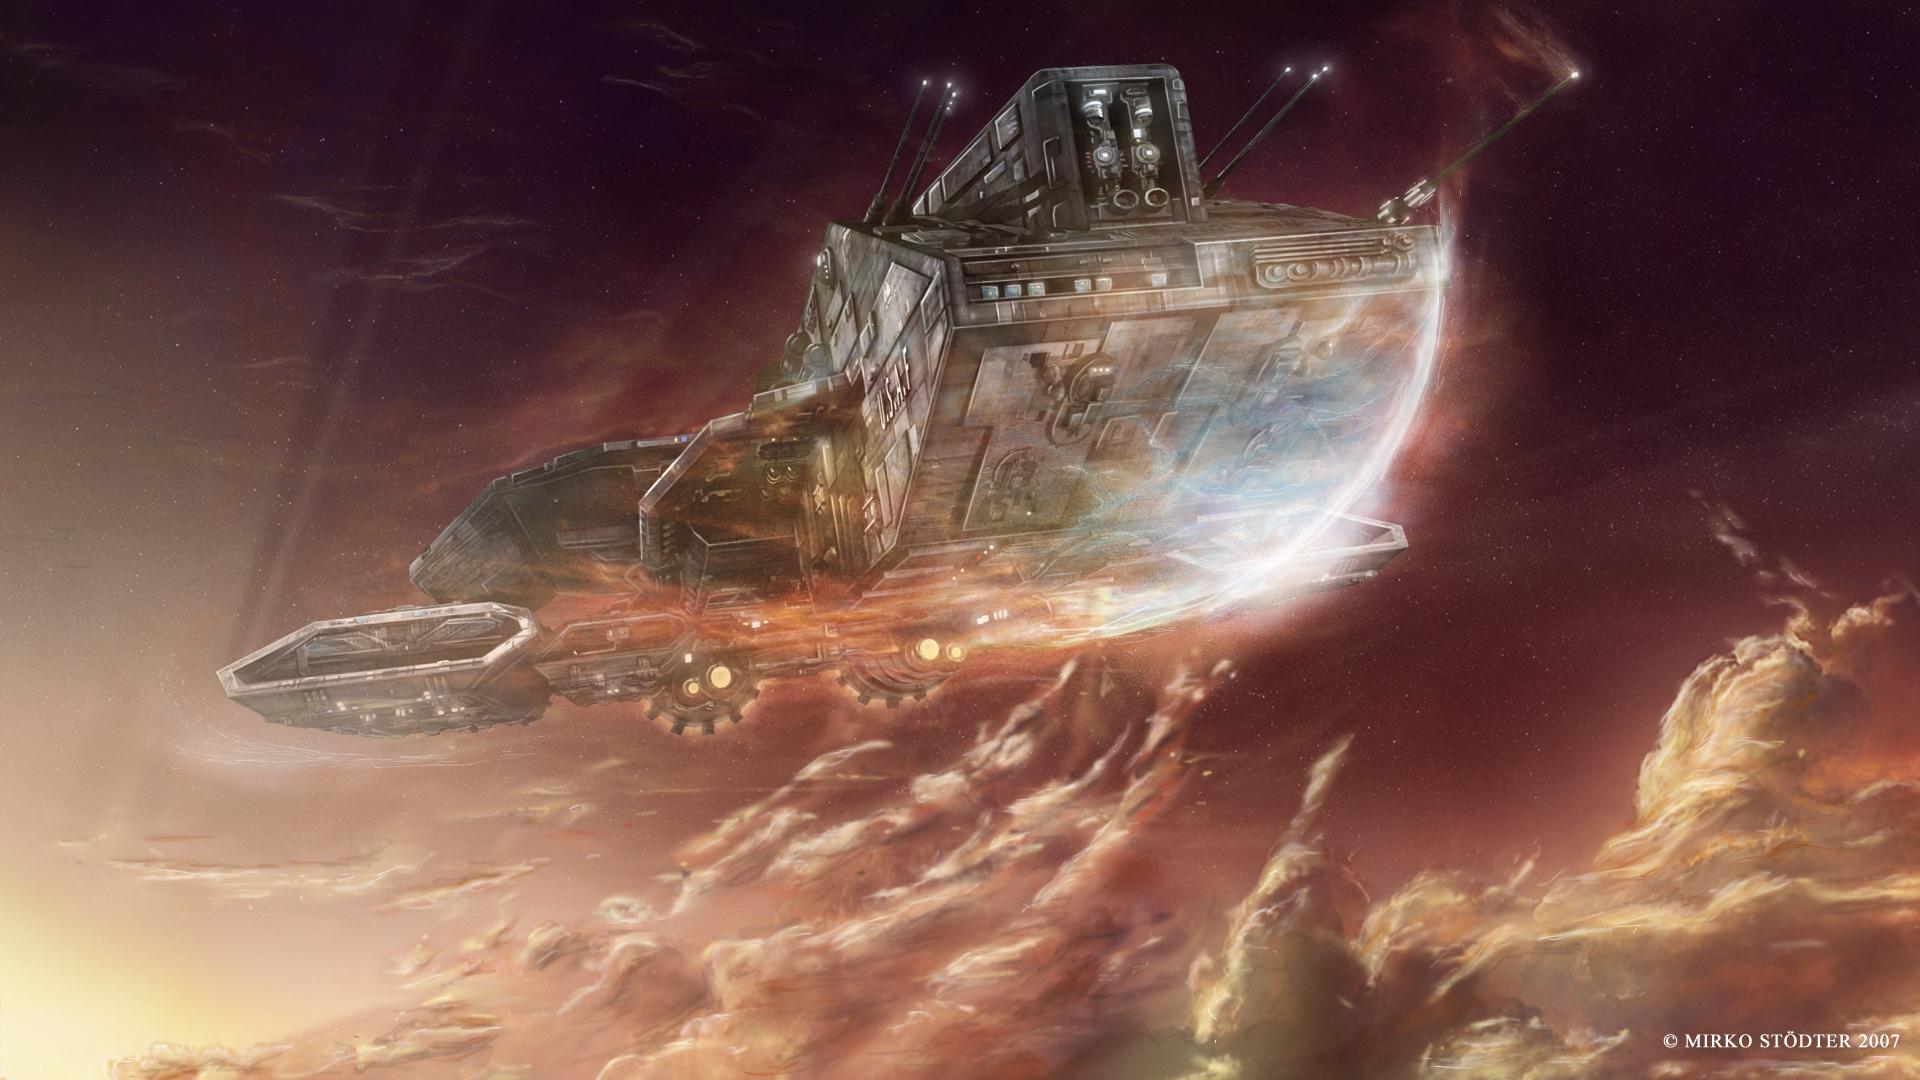 корабль сериал обои на рабочий стол № 498976 загрузить